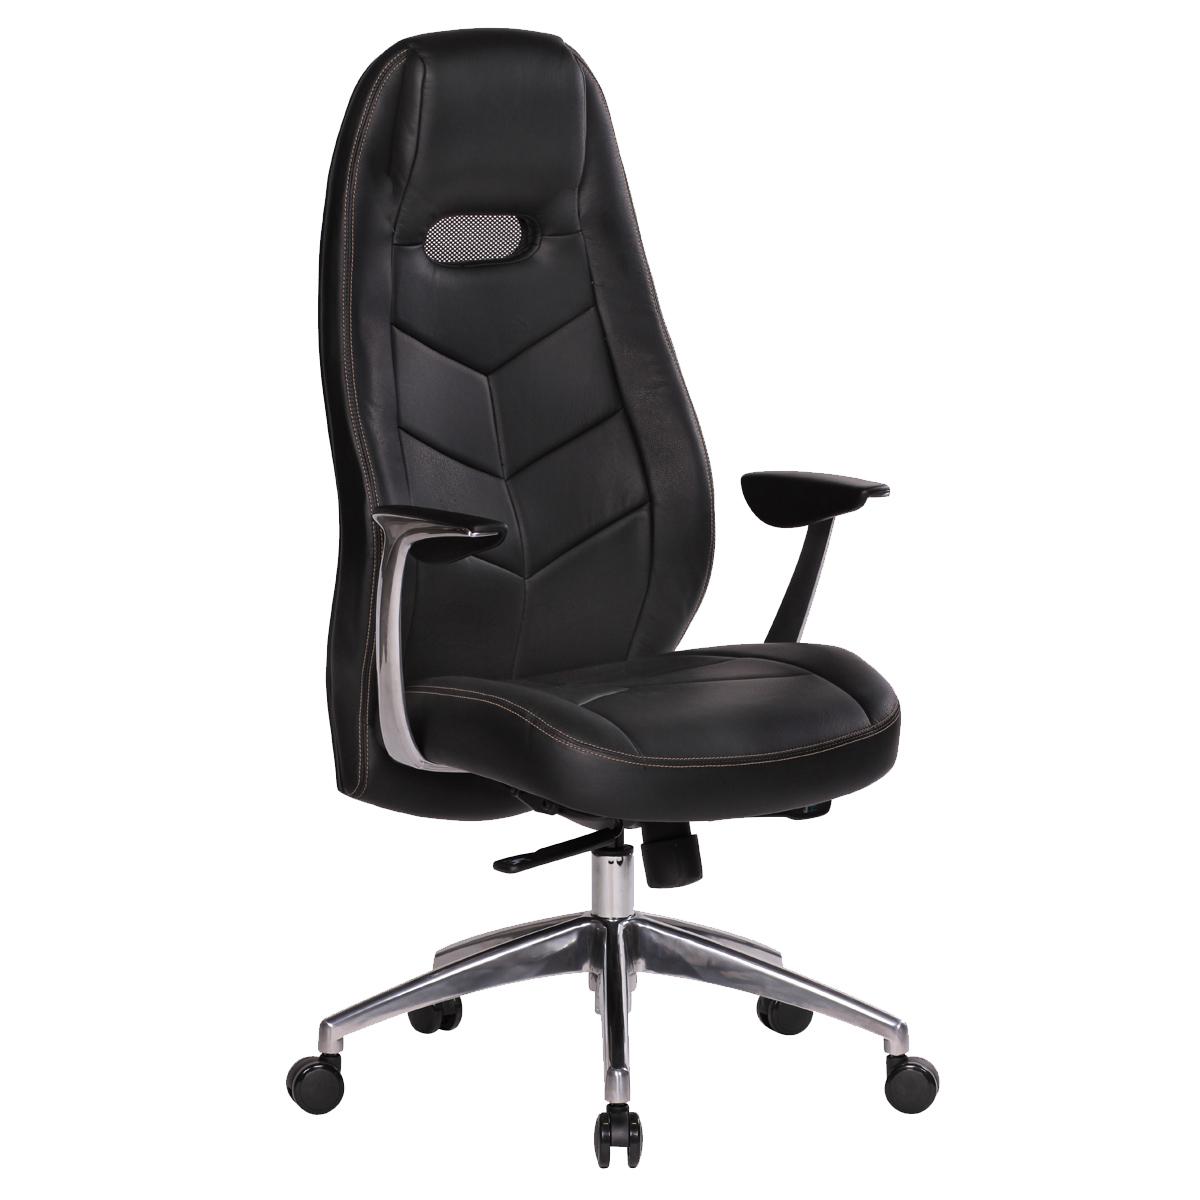 Finebuy Bürostuhl Echtleder Schreibtischstuhl Chefsessel Sessel